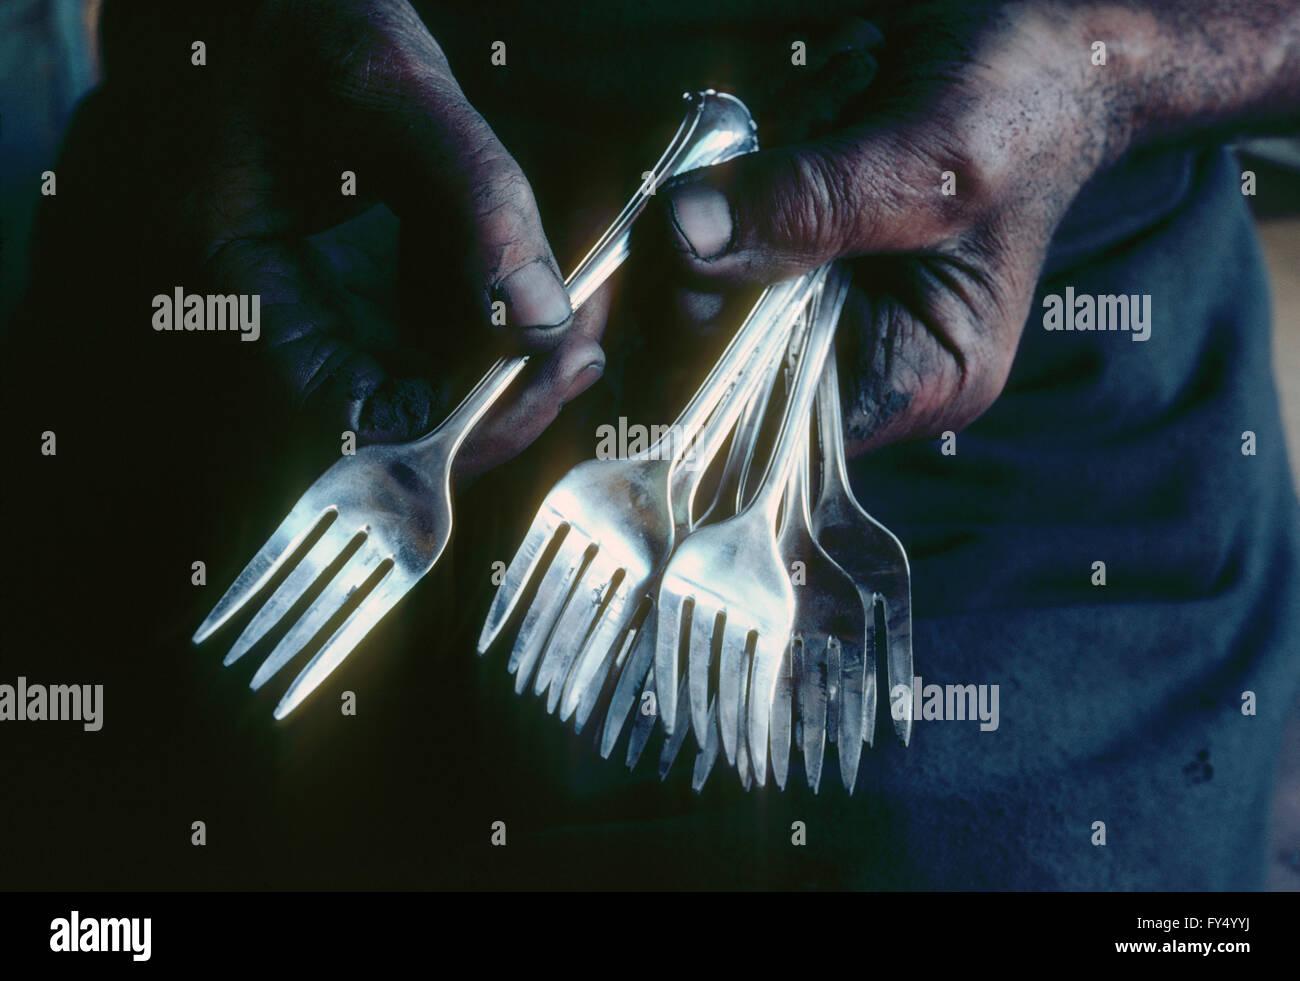 Tafelsilber Handwerker seine Arbeit anzeigen; Geschirr im Gange Stockbild